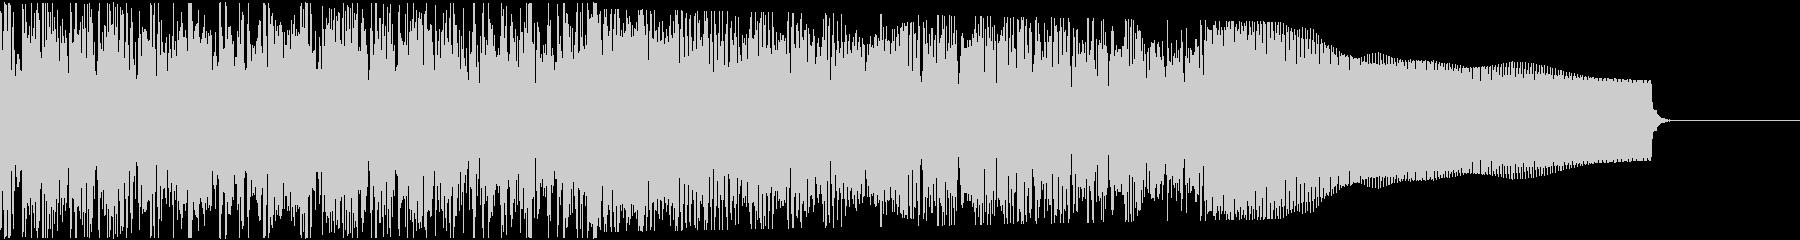 カントリー風ギターイントロ−06Gの未再生の波形